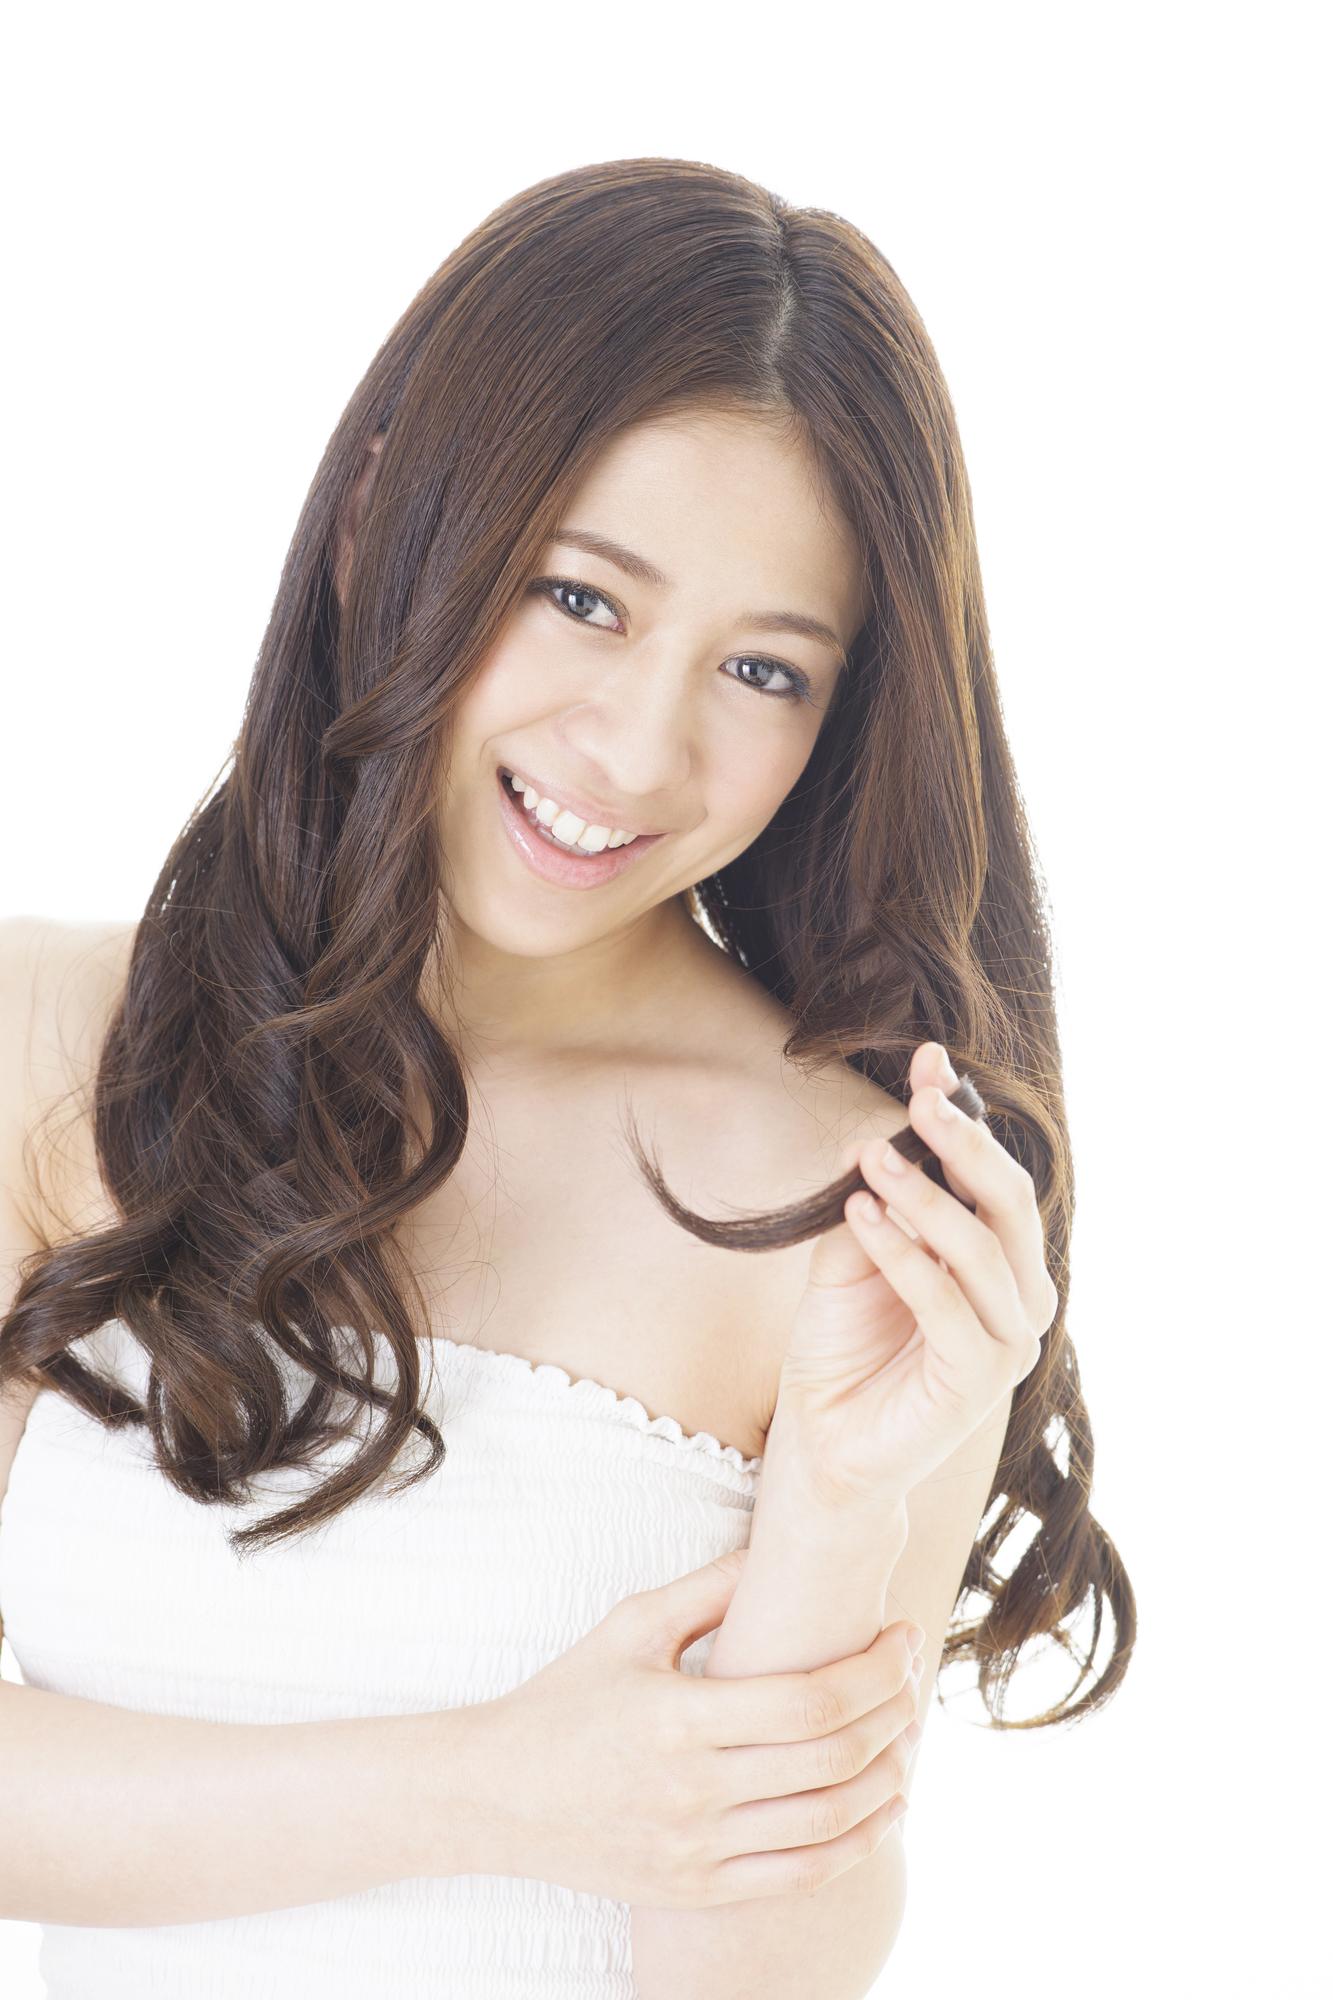 女性用育毛剤モウガLモルティの特徴と効果【口コミあり】